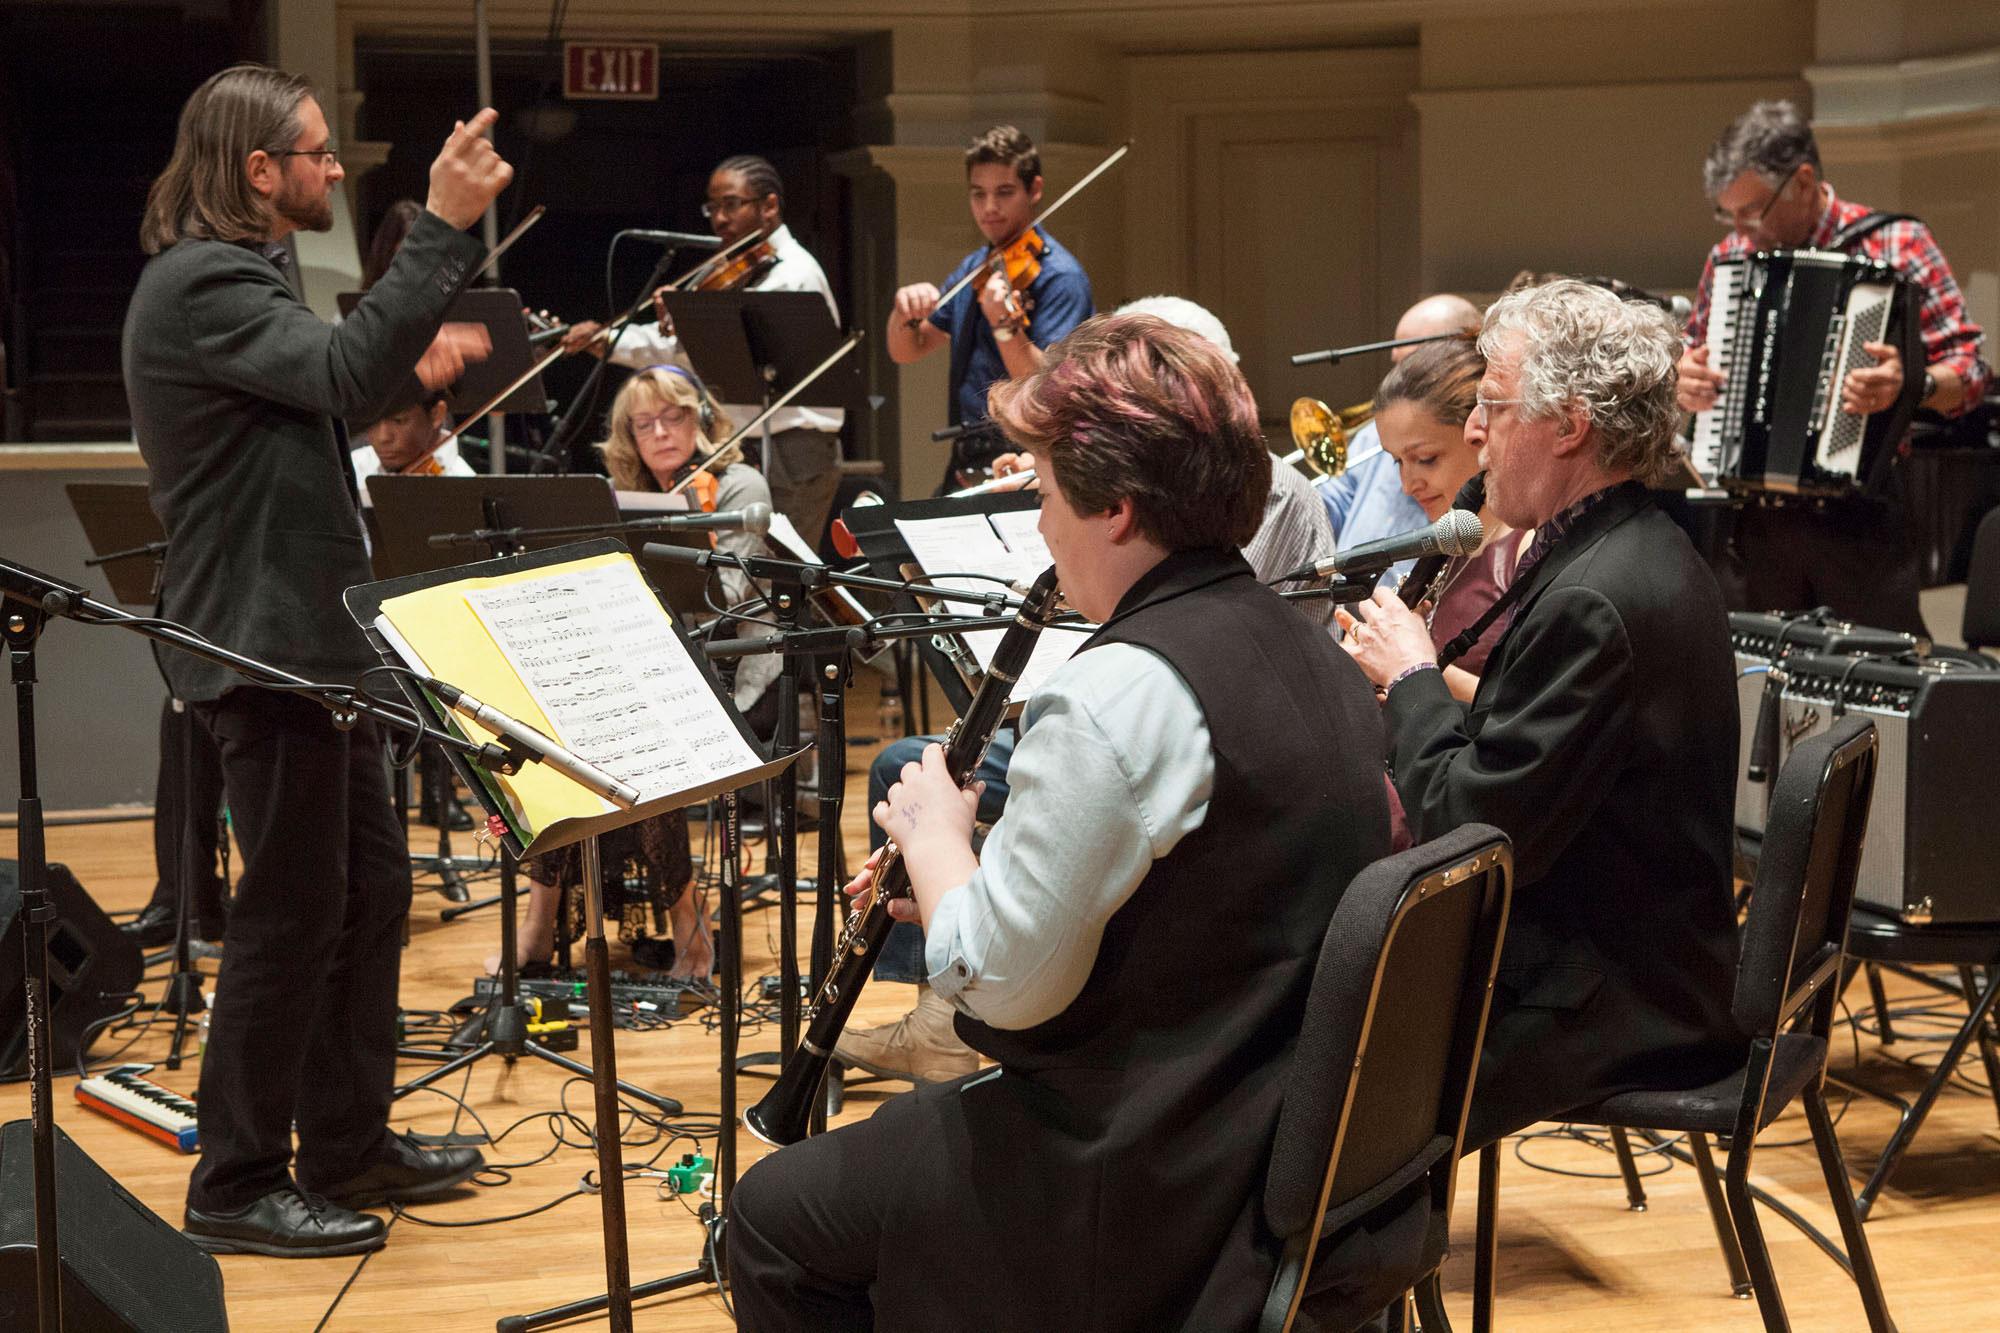 Shneyveys, left, leads the ensemble during Thursday's concert.